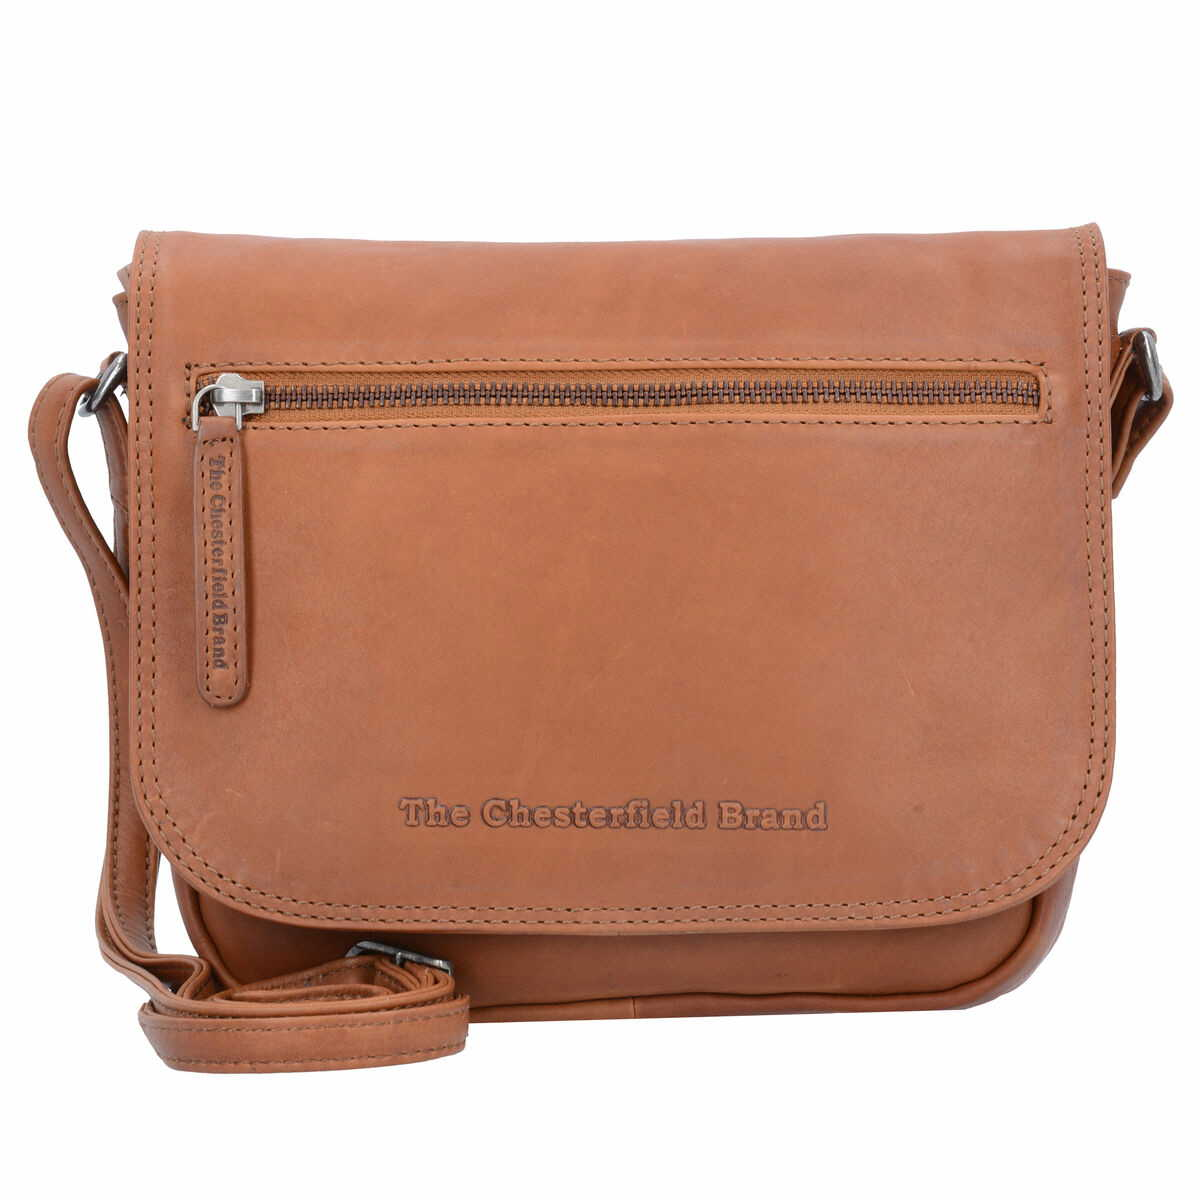 The Chesterfield Brand Handtaschen Taschen C48.0939_31 cognac Braun 79ZyB